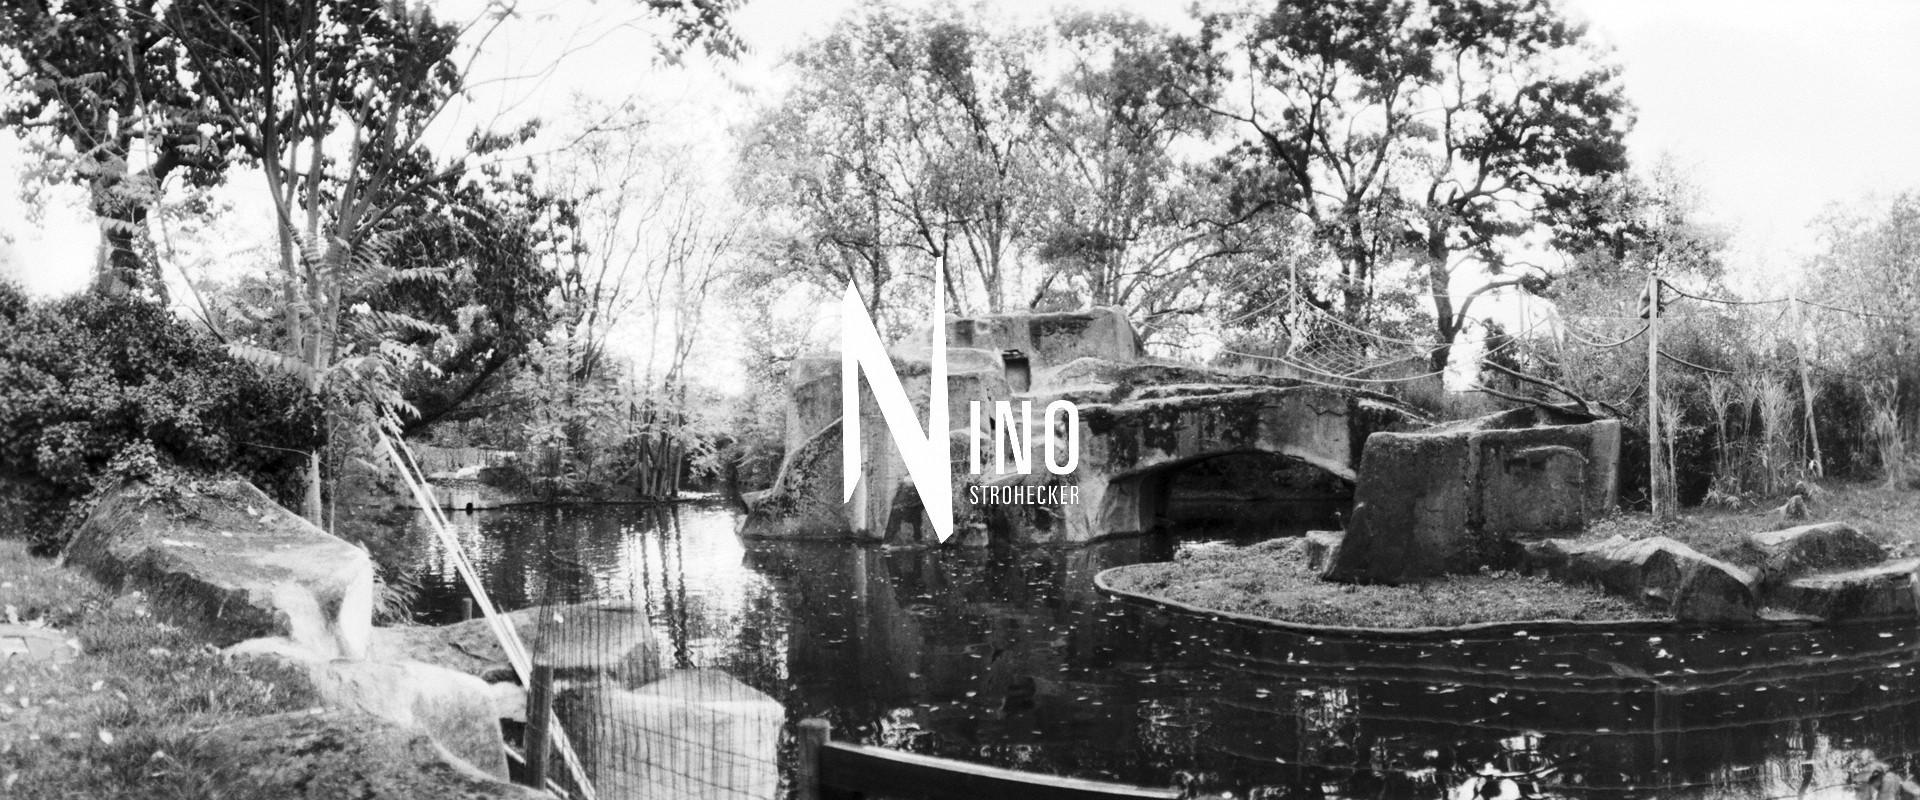 Zoo Nr19